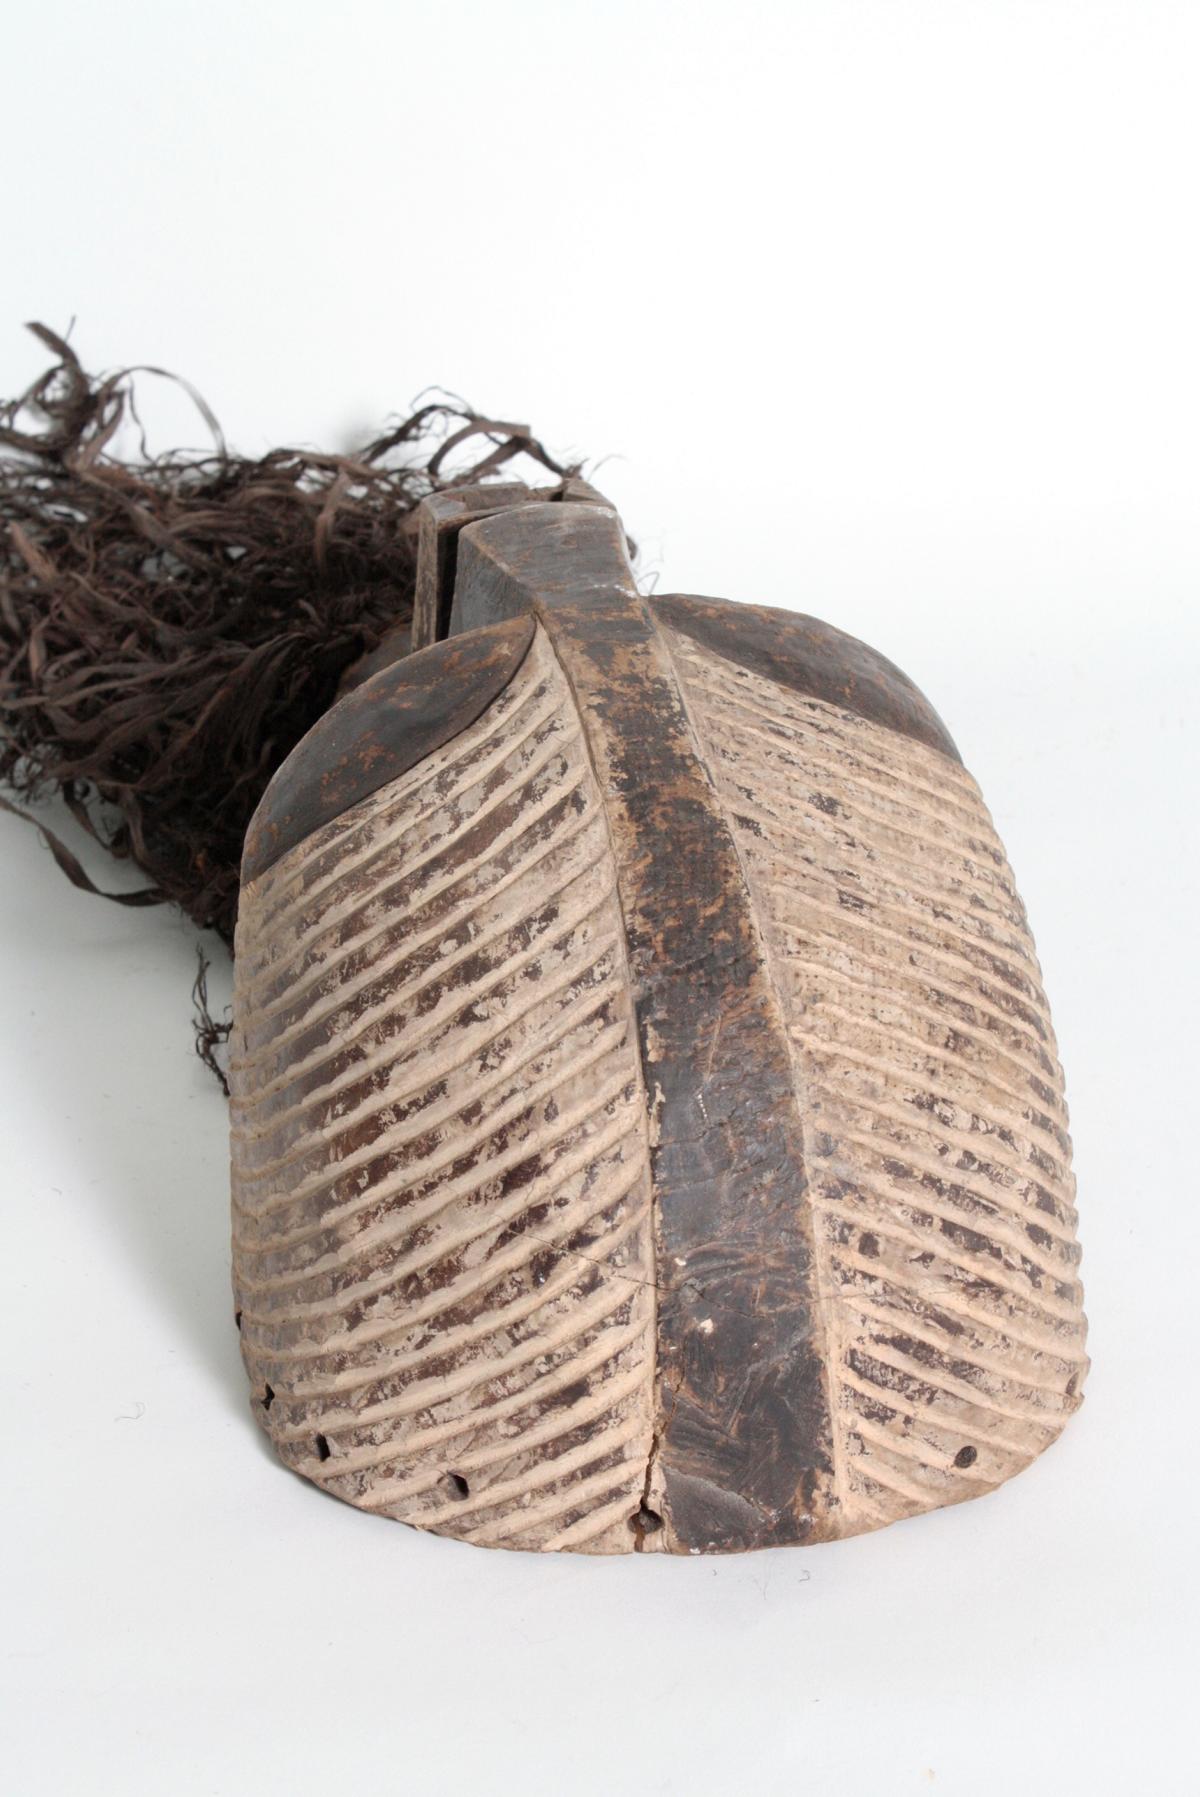 Weibliche Kifwebe-Maske 'kikashi', Kongo/Songe,  1. Hälfte 20. Jh-5